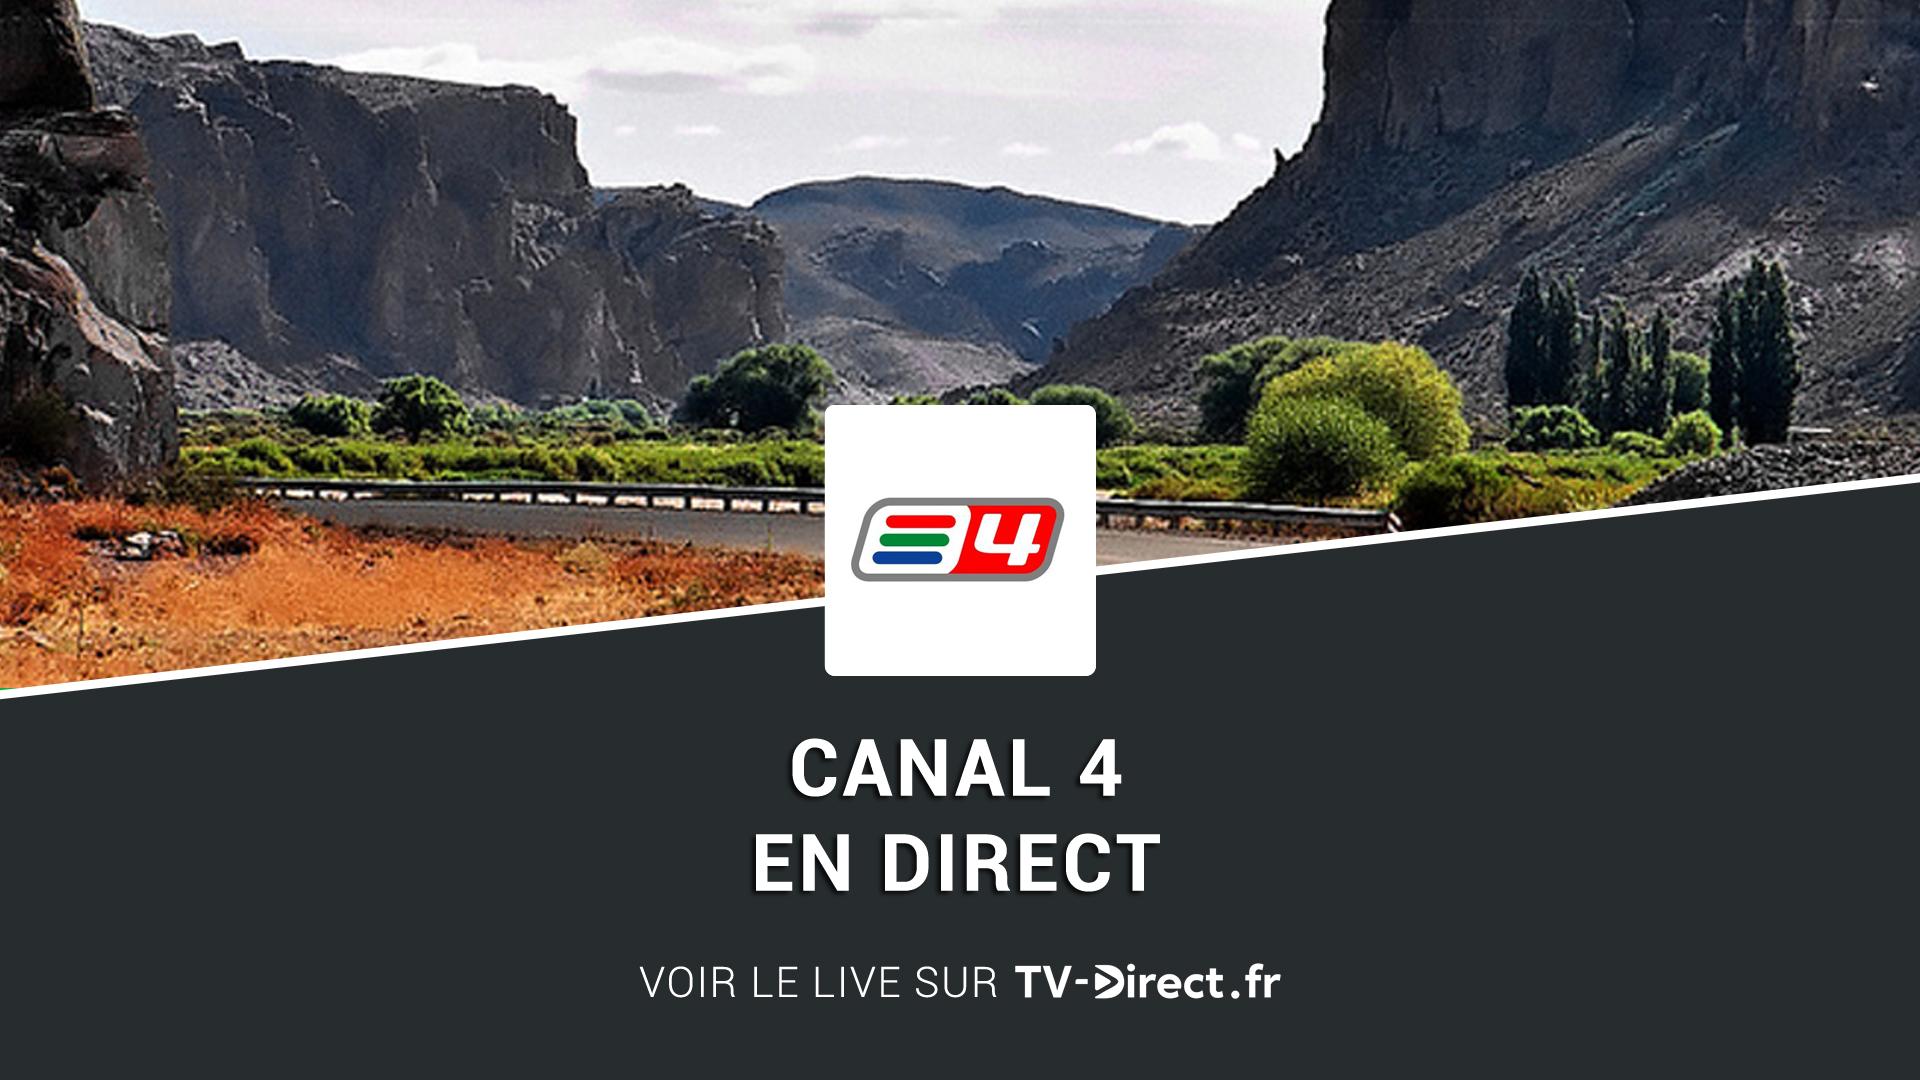 canal 4 direct regarder canal 4 live sur internet. Black Bedroom Furniture Sets. Home Design Ideas